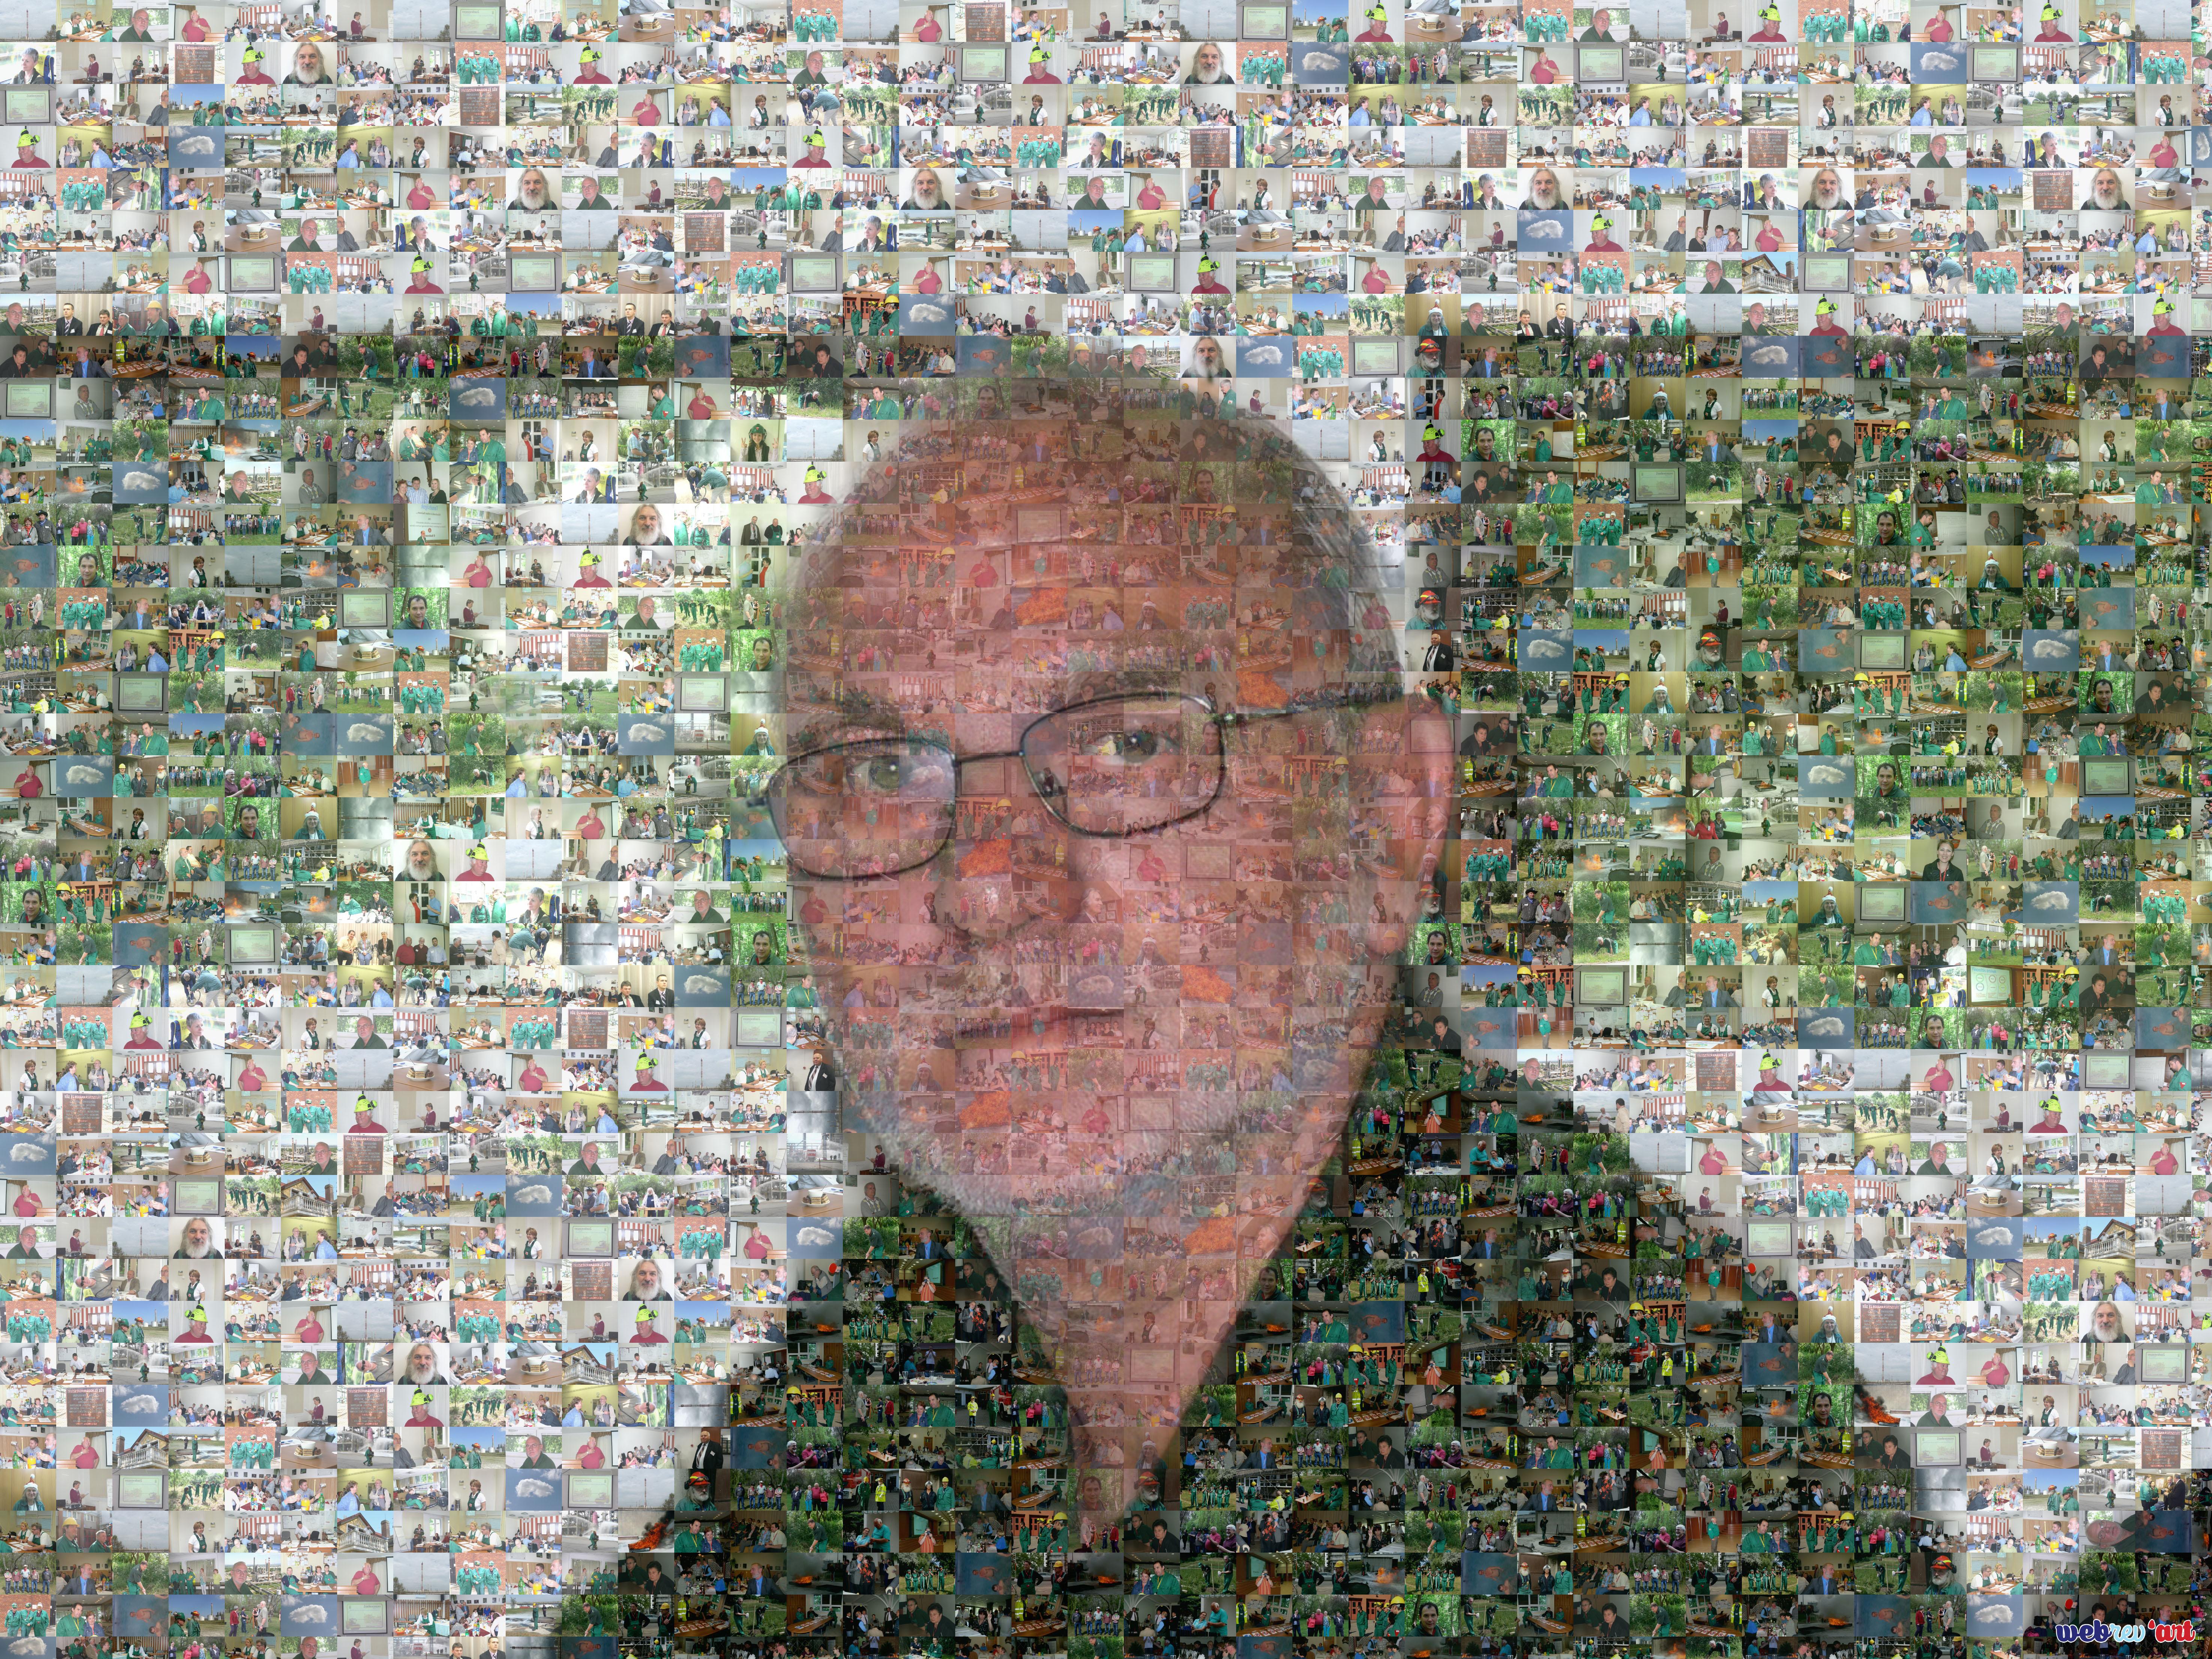 Mozaik - Kattints a képre!